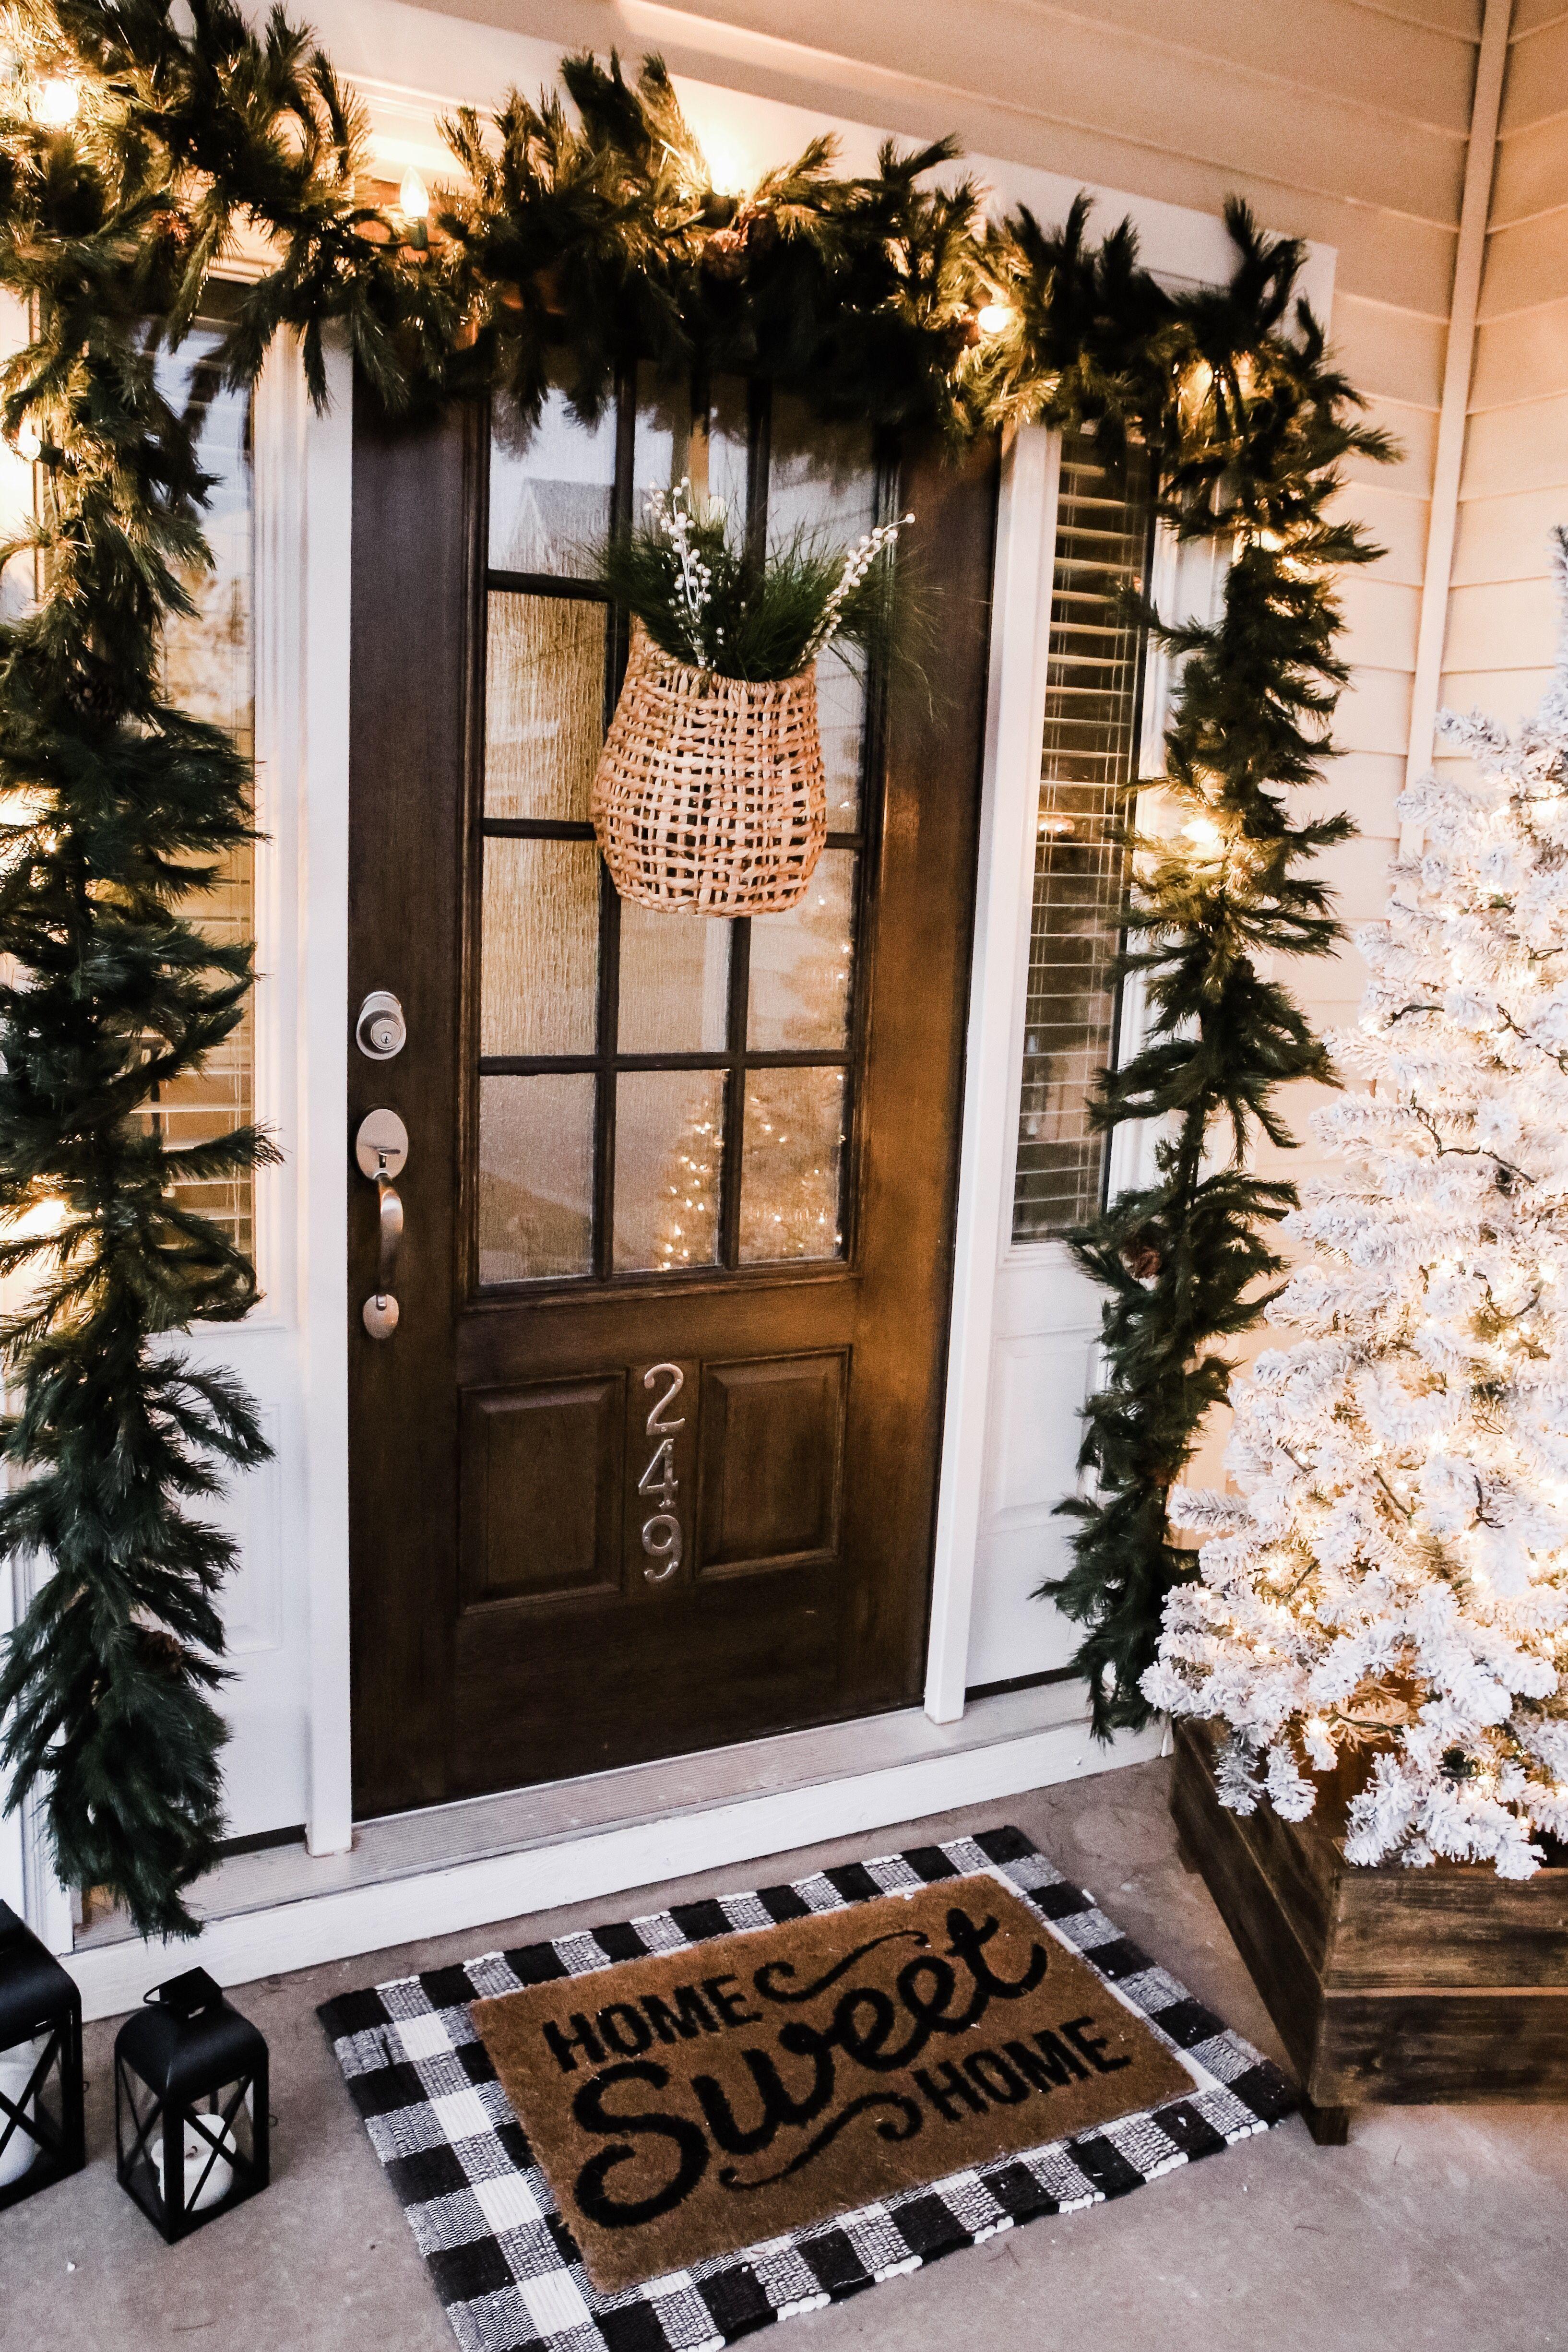 Our Festive Home Exterior for Christmas